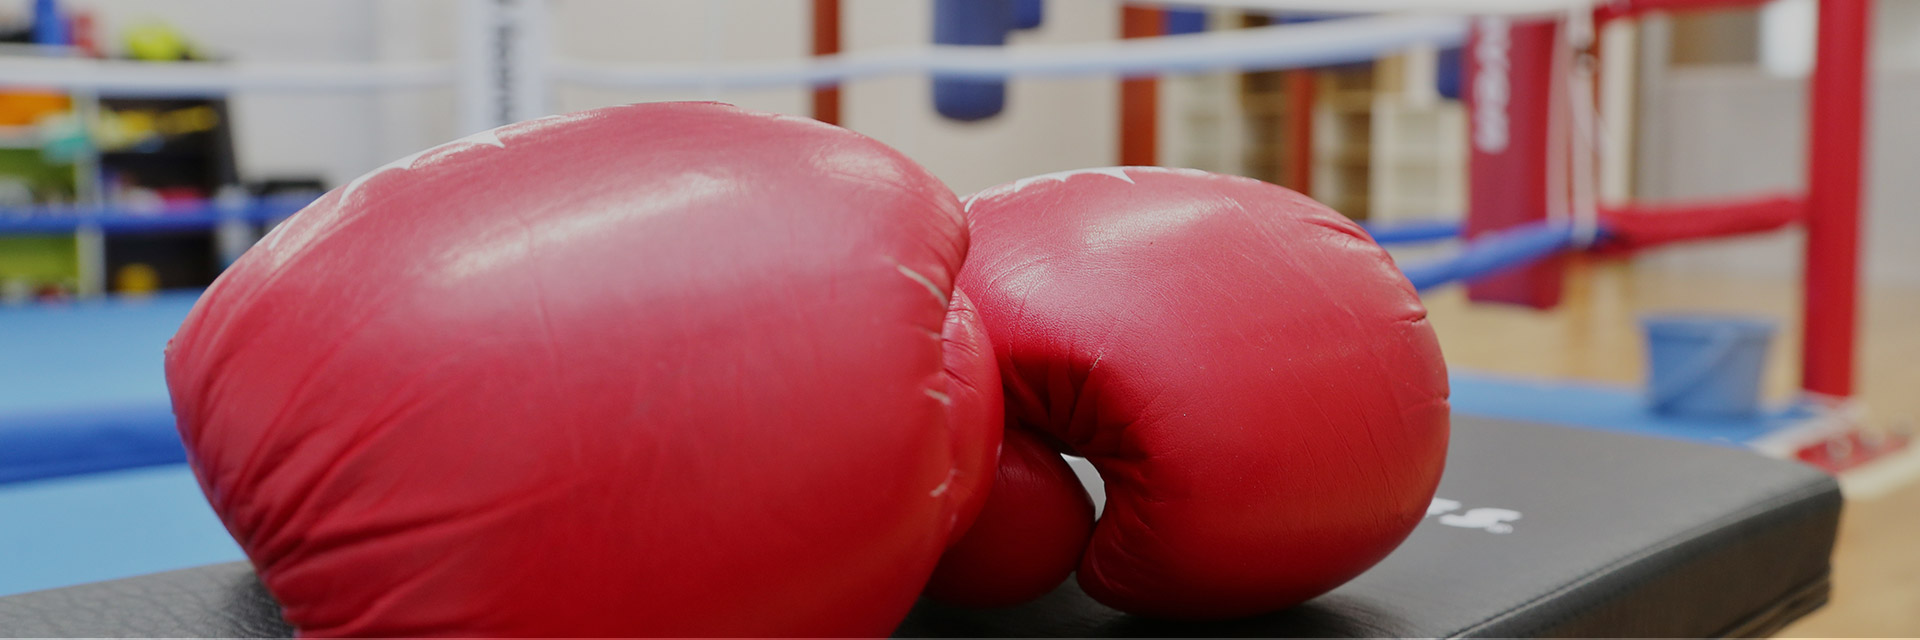 岐阜大垣神戸町のフィットネスボクシングジムセブンスヘブン7thheaven